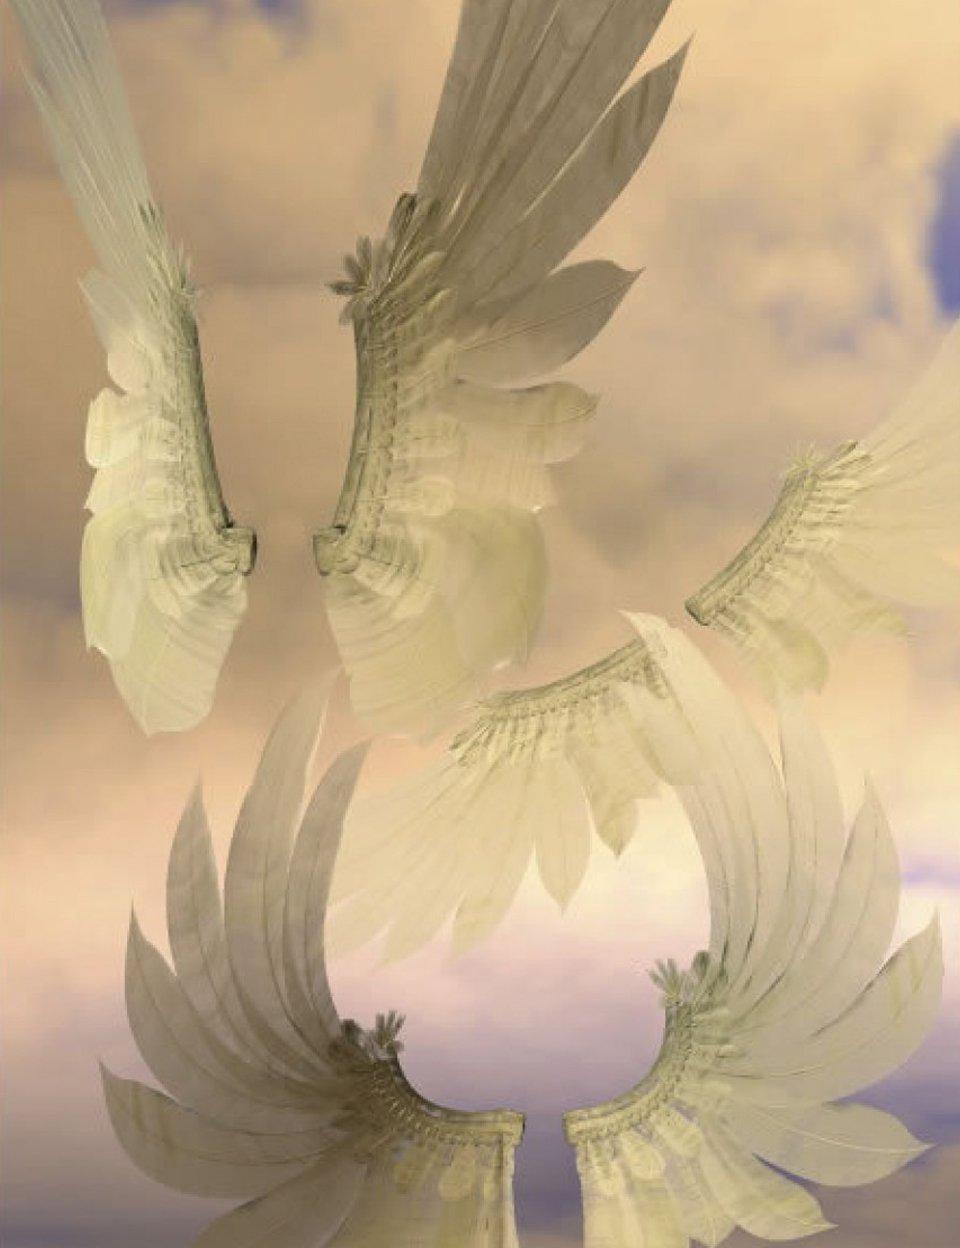 Dreamer Wings by: , 3D Models by Daz 3D